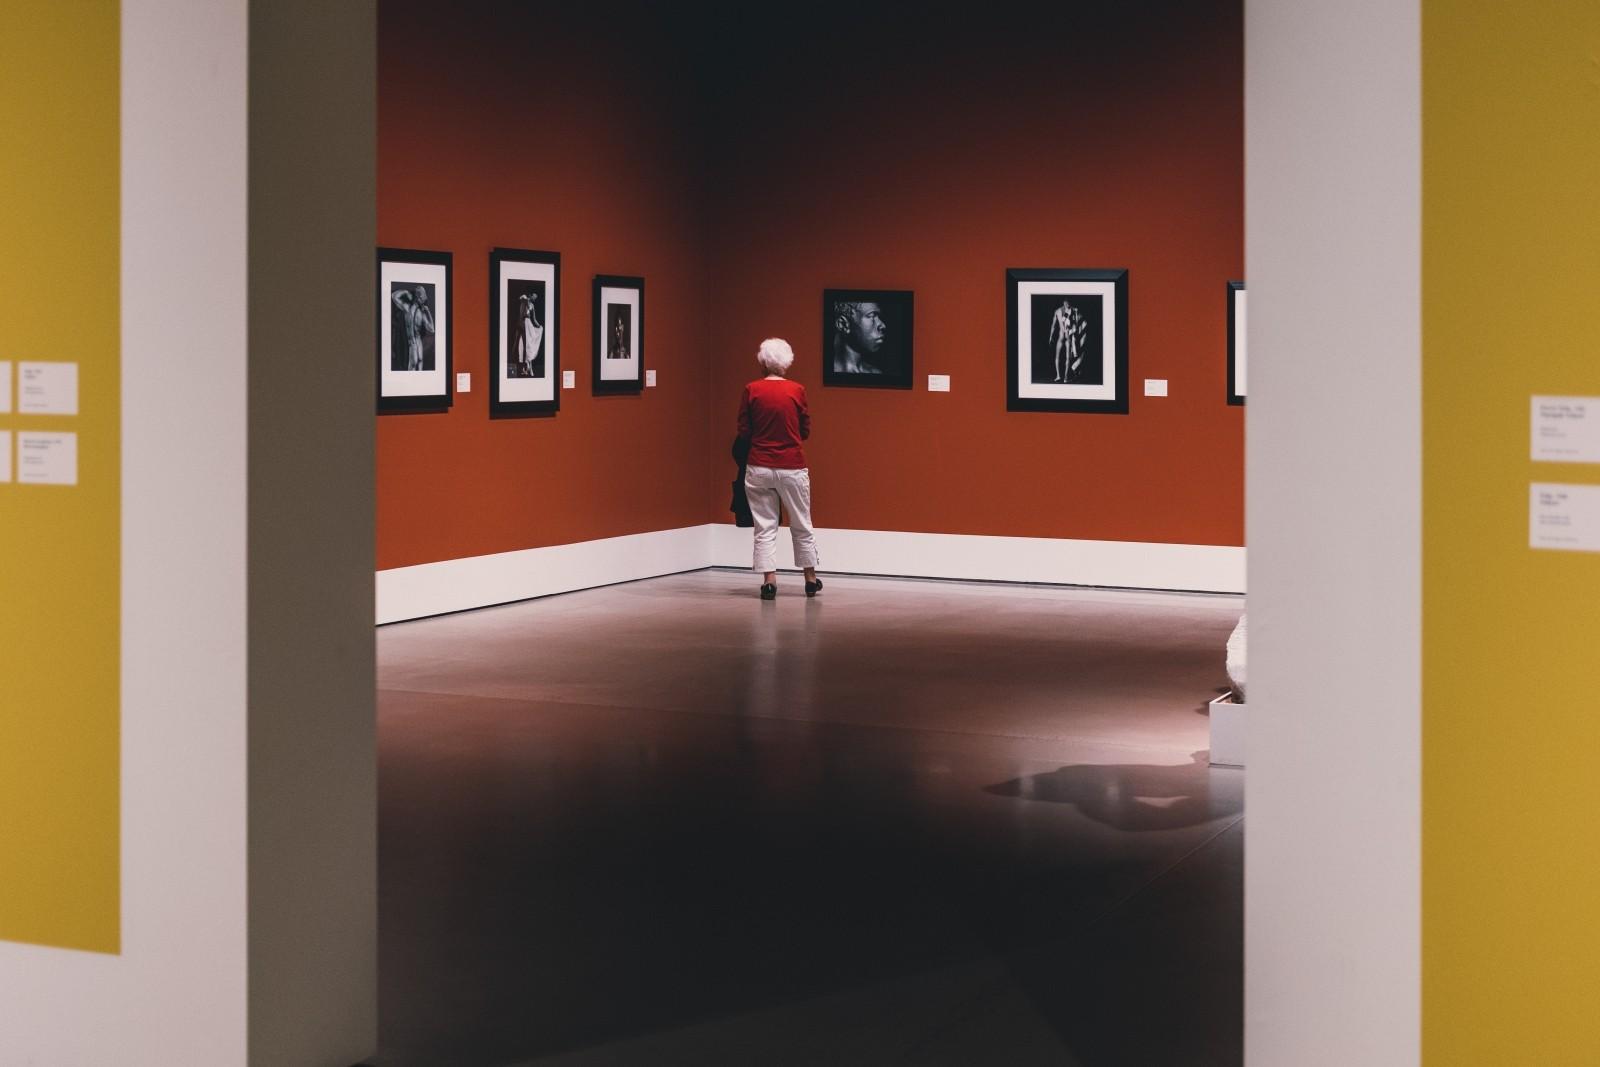 visita il museo con NearIT